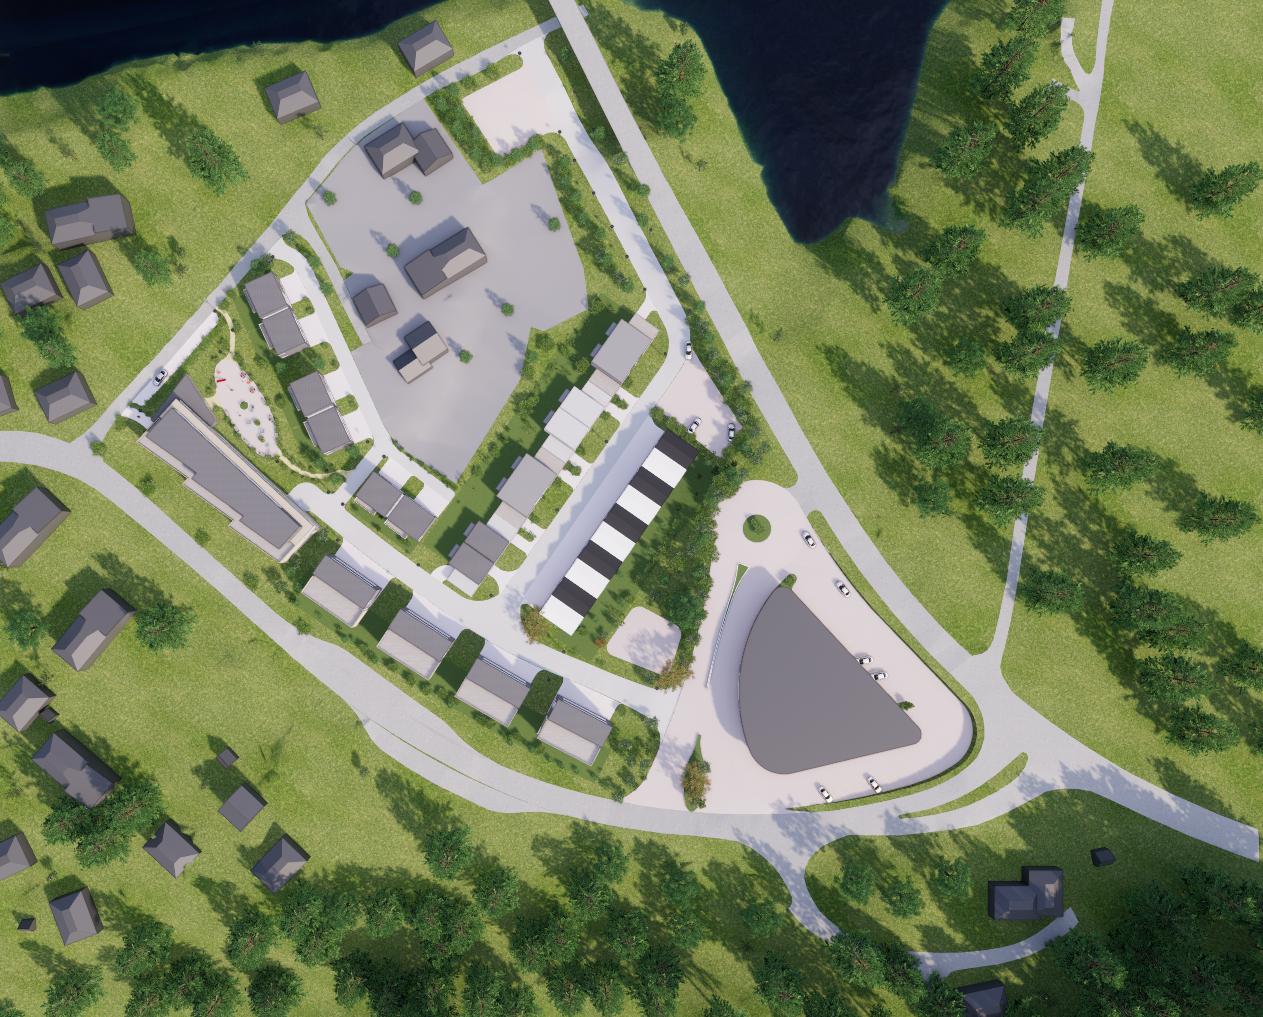 Lunde boligutvikling